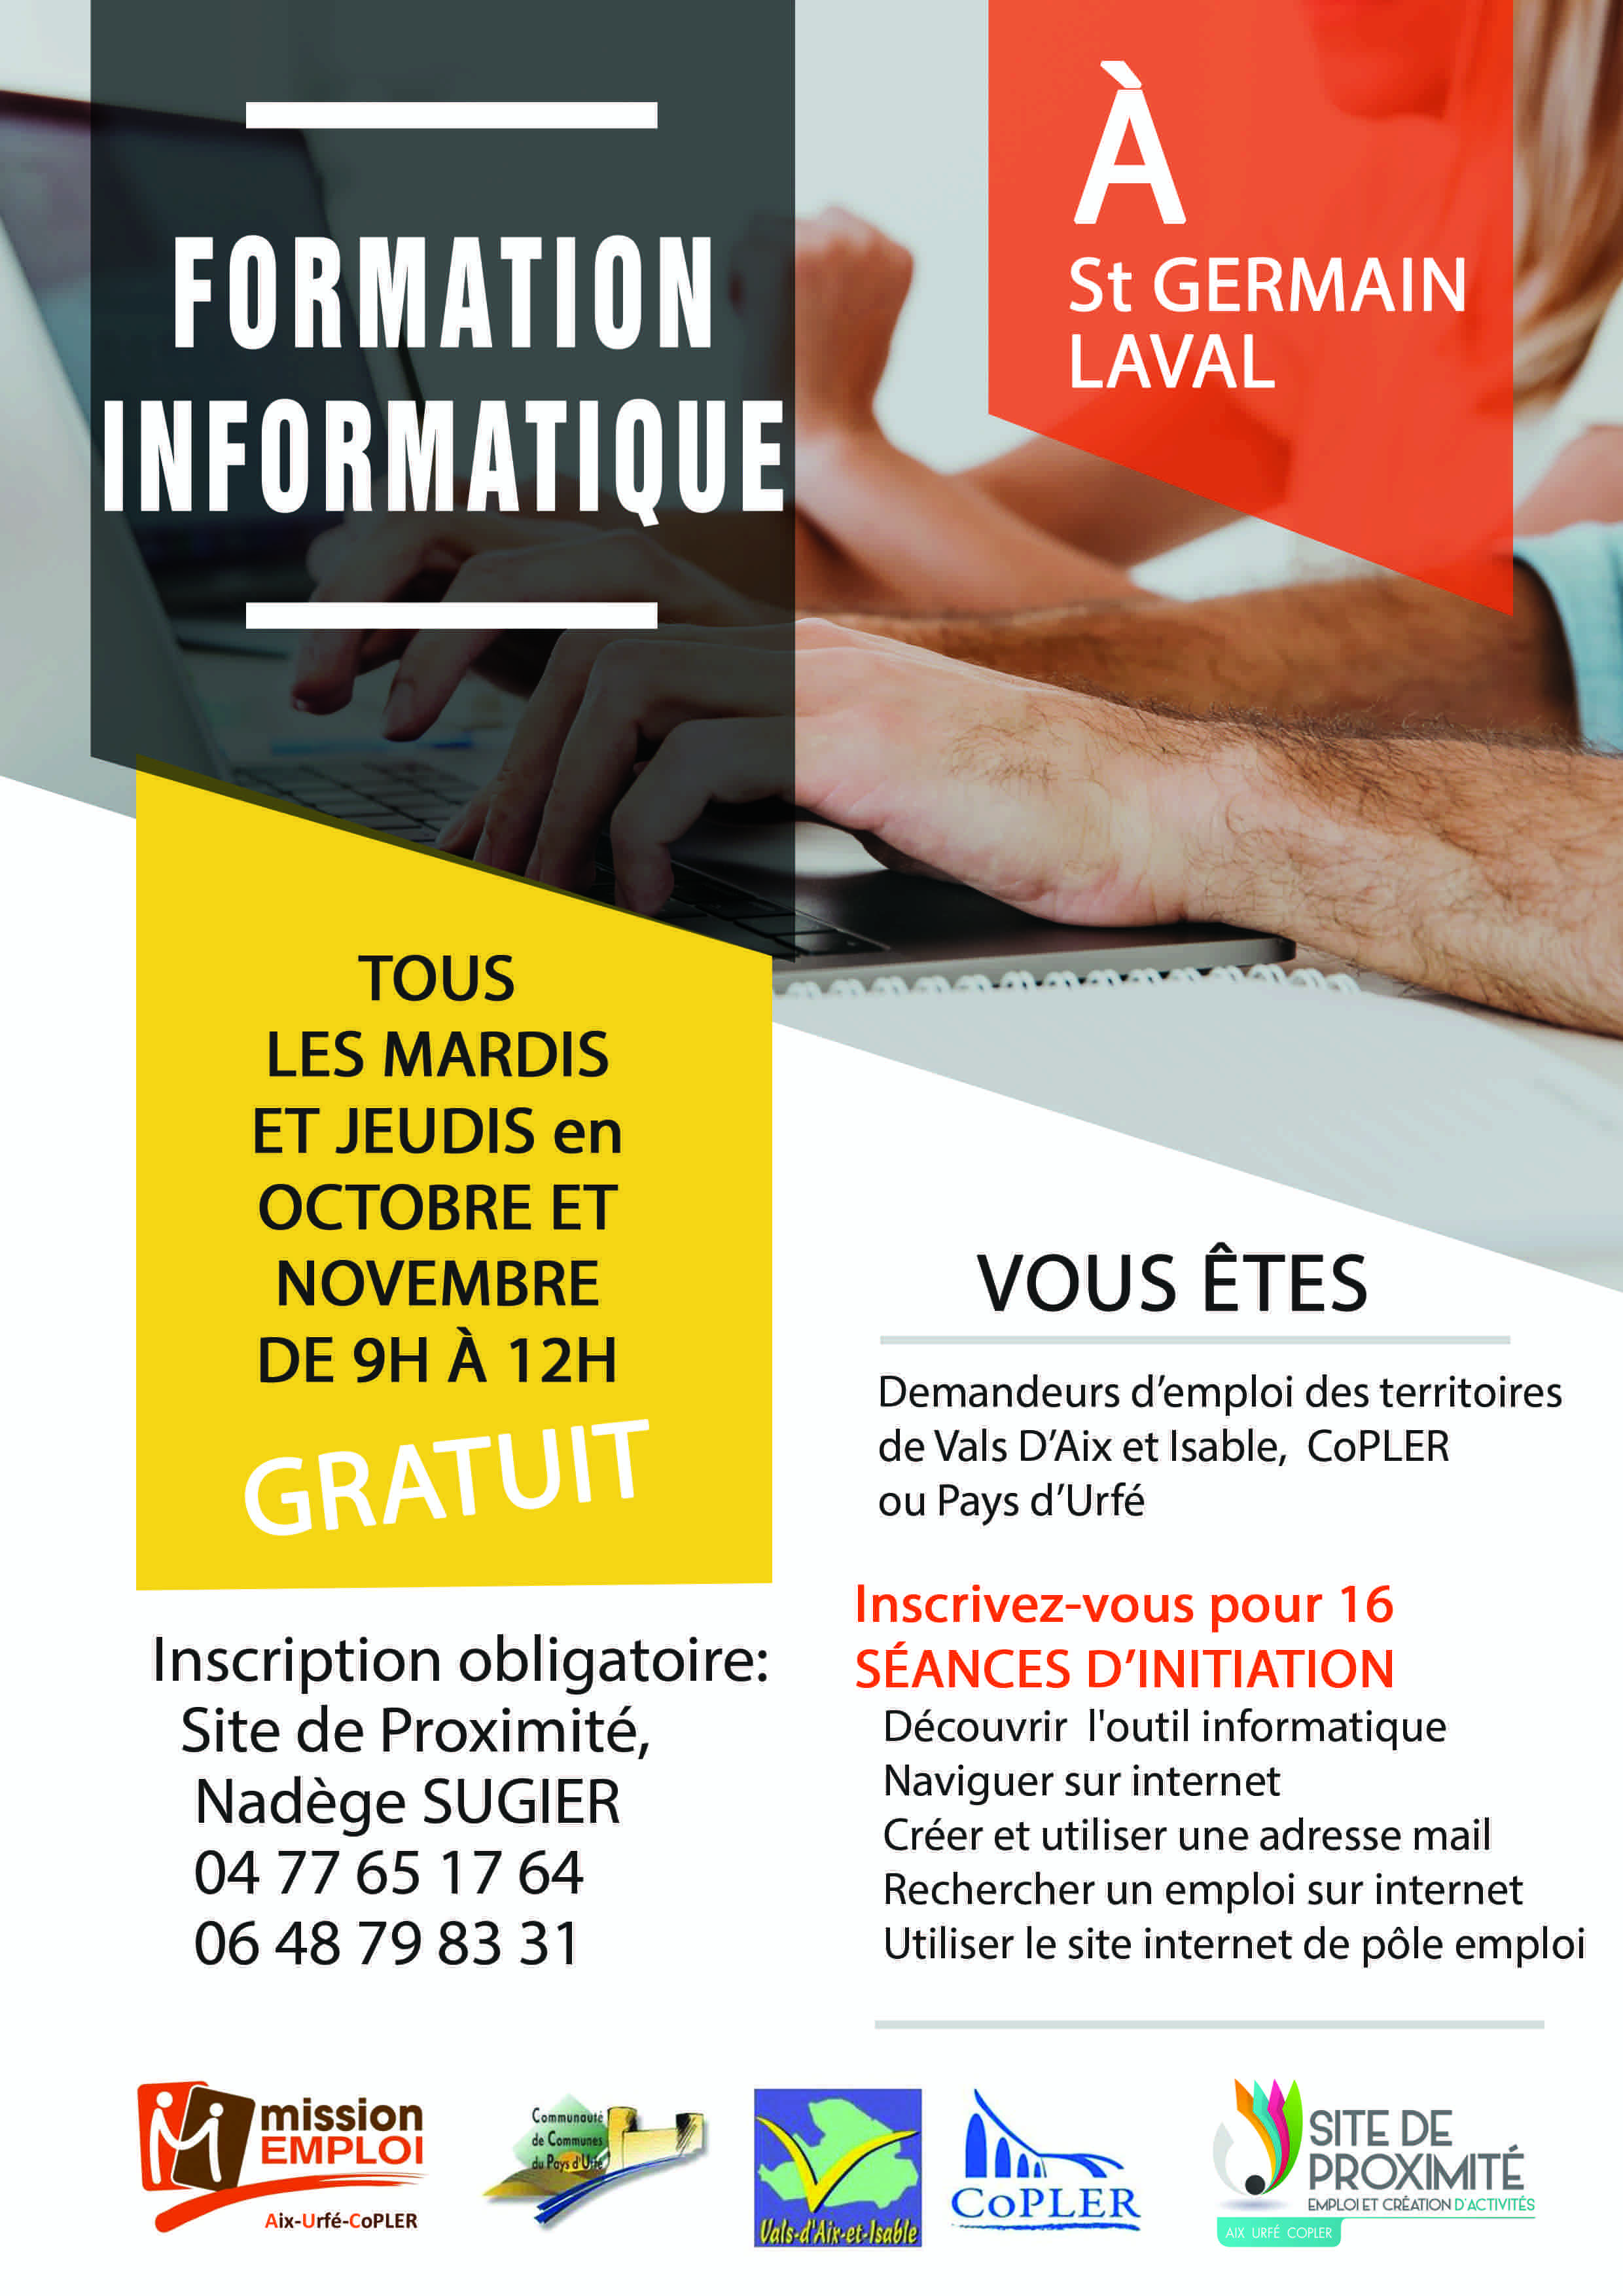 Formation informatique Site de proximité St-Germain Laval